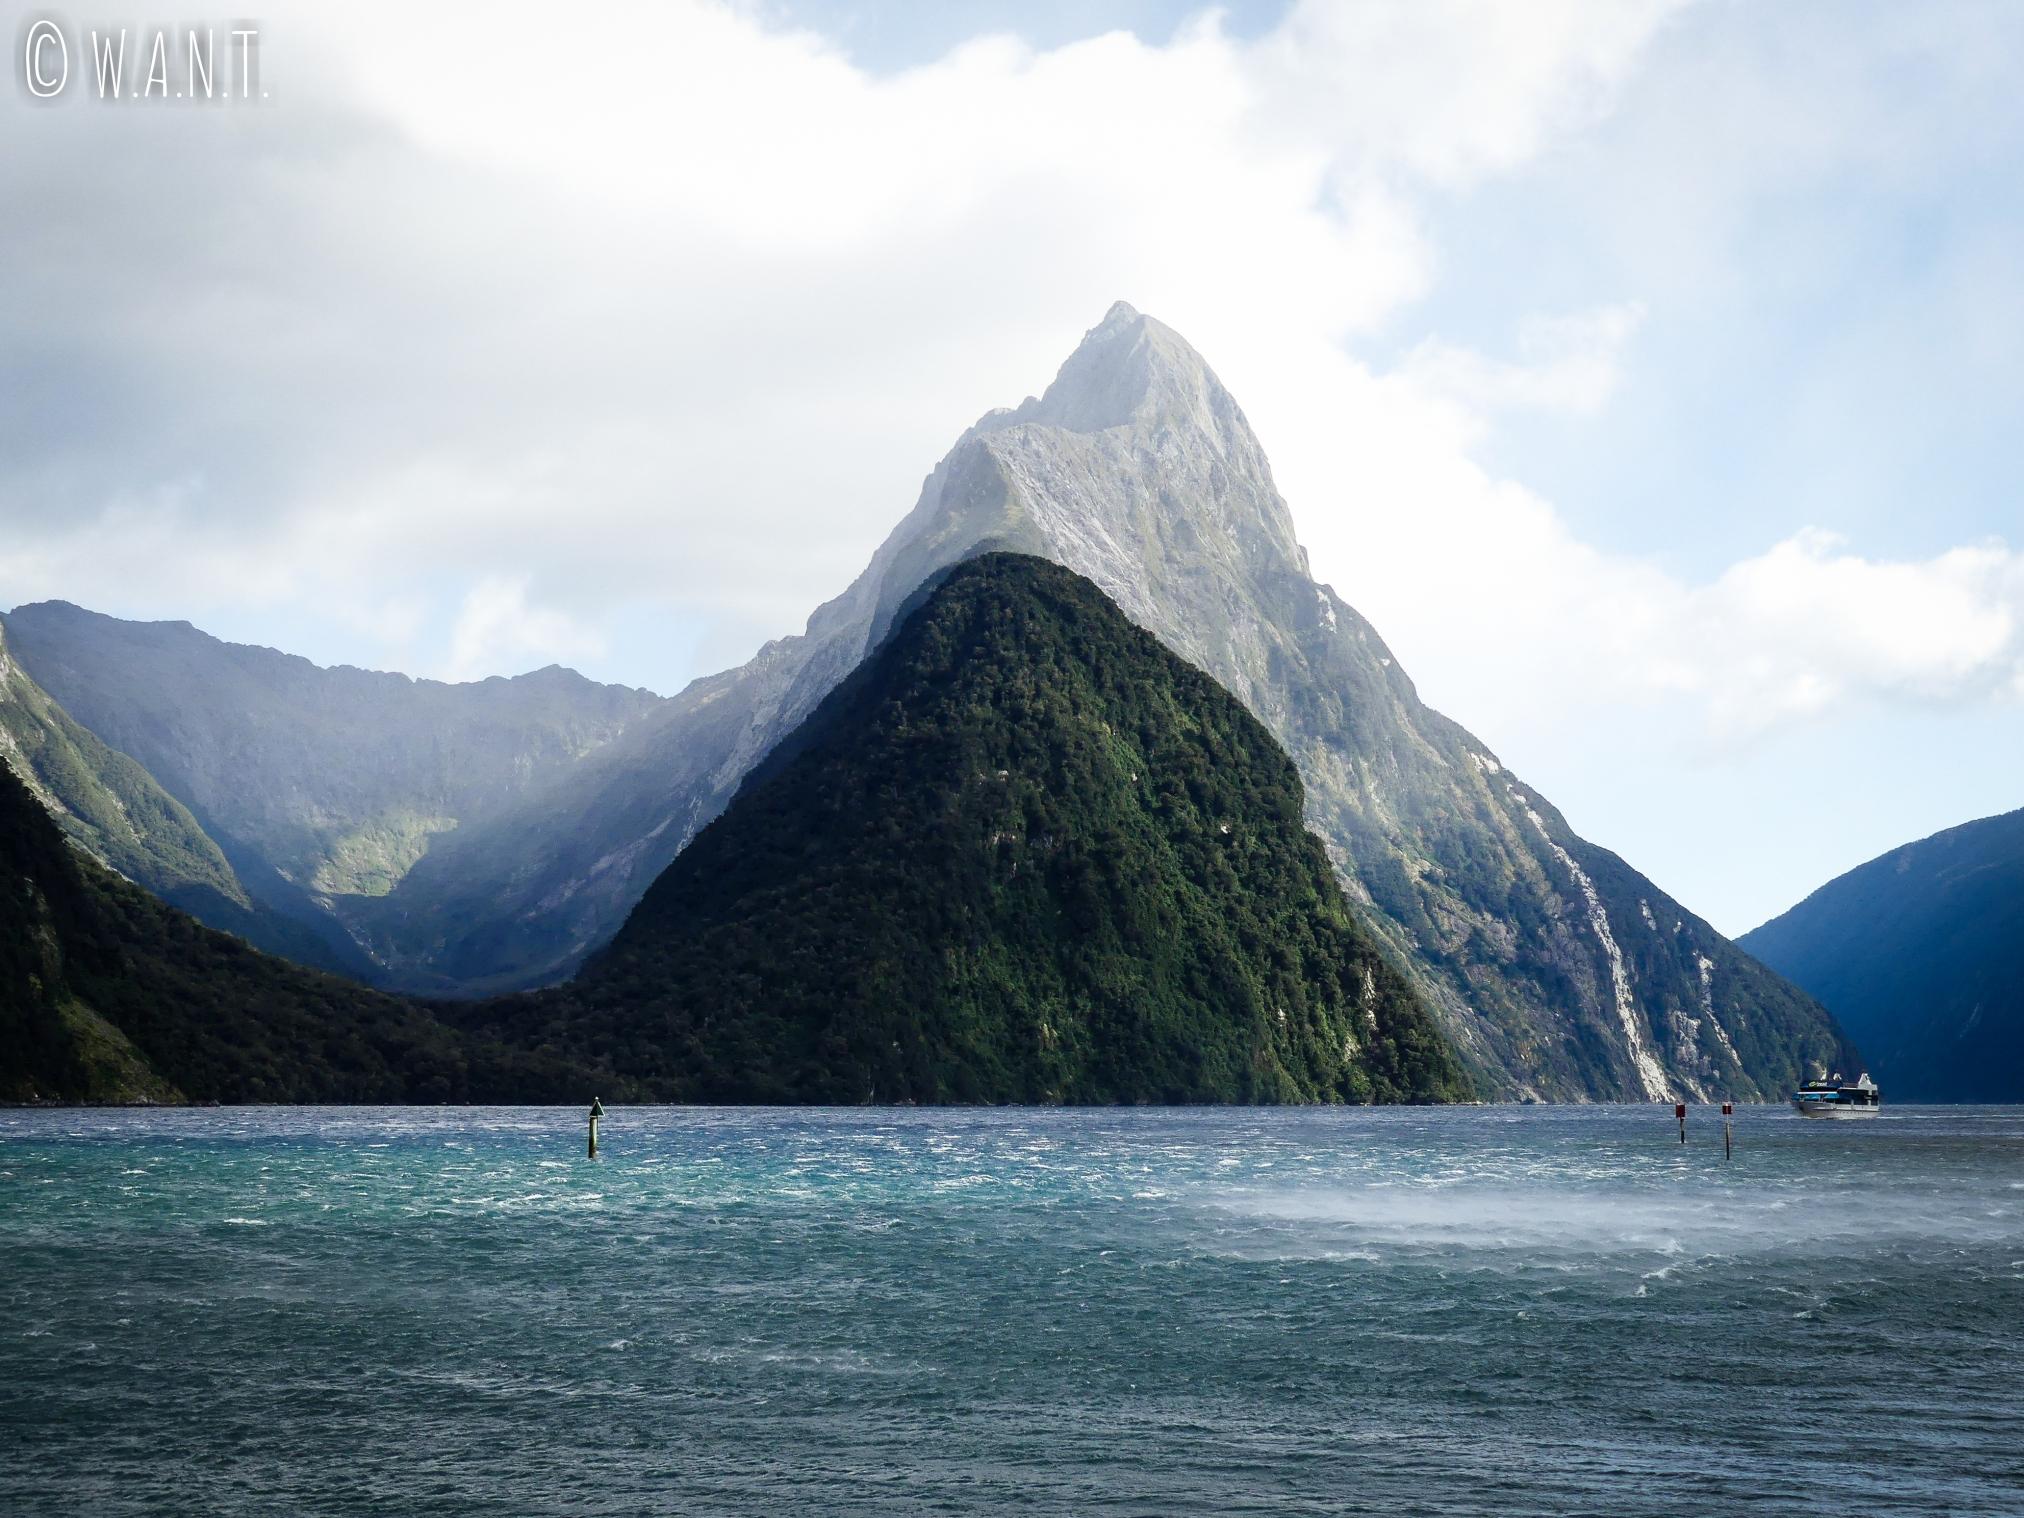 Vue sur l'emblématique Mitre Peak à Milford Sound en Nouvelle-Zélande